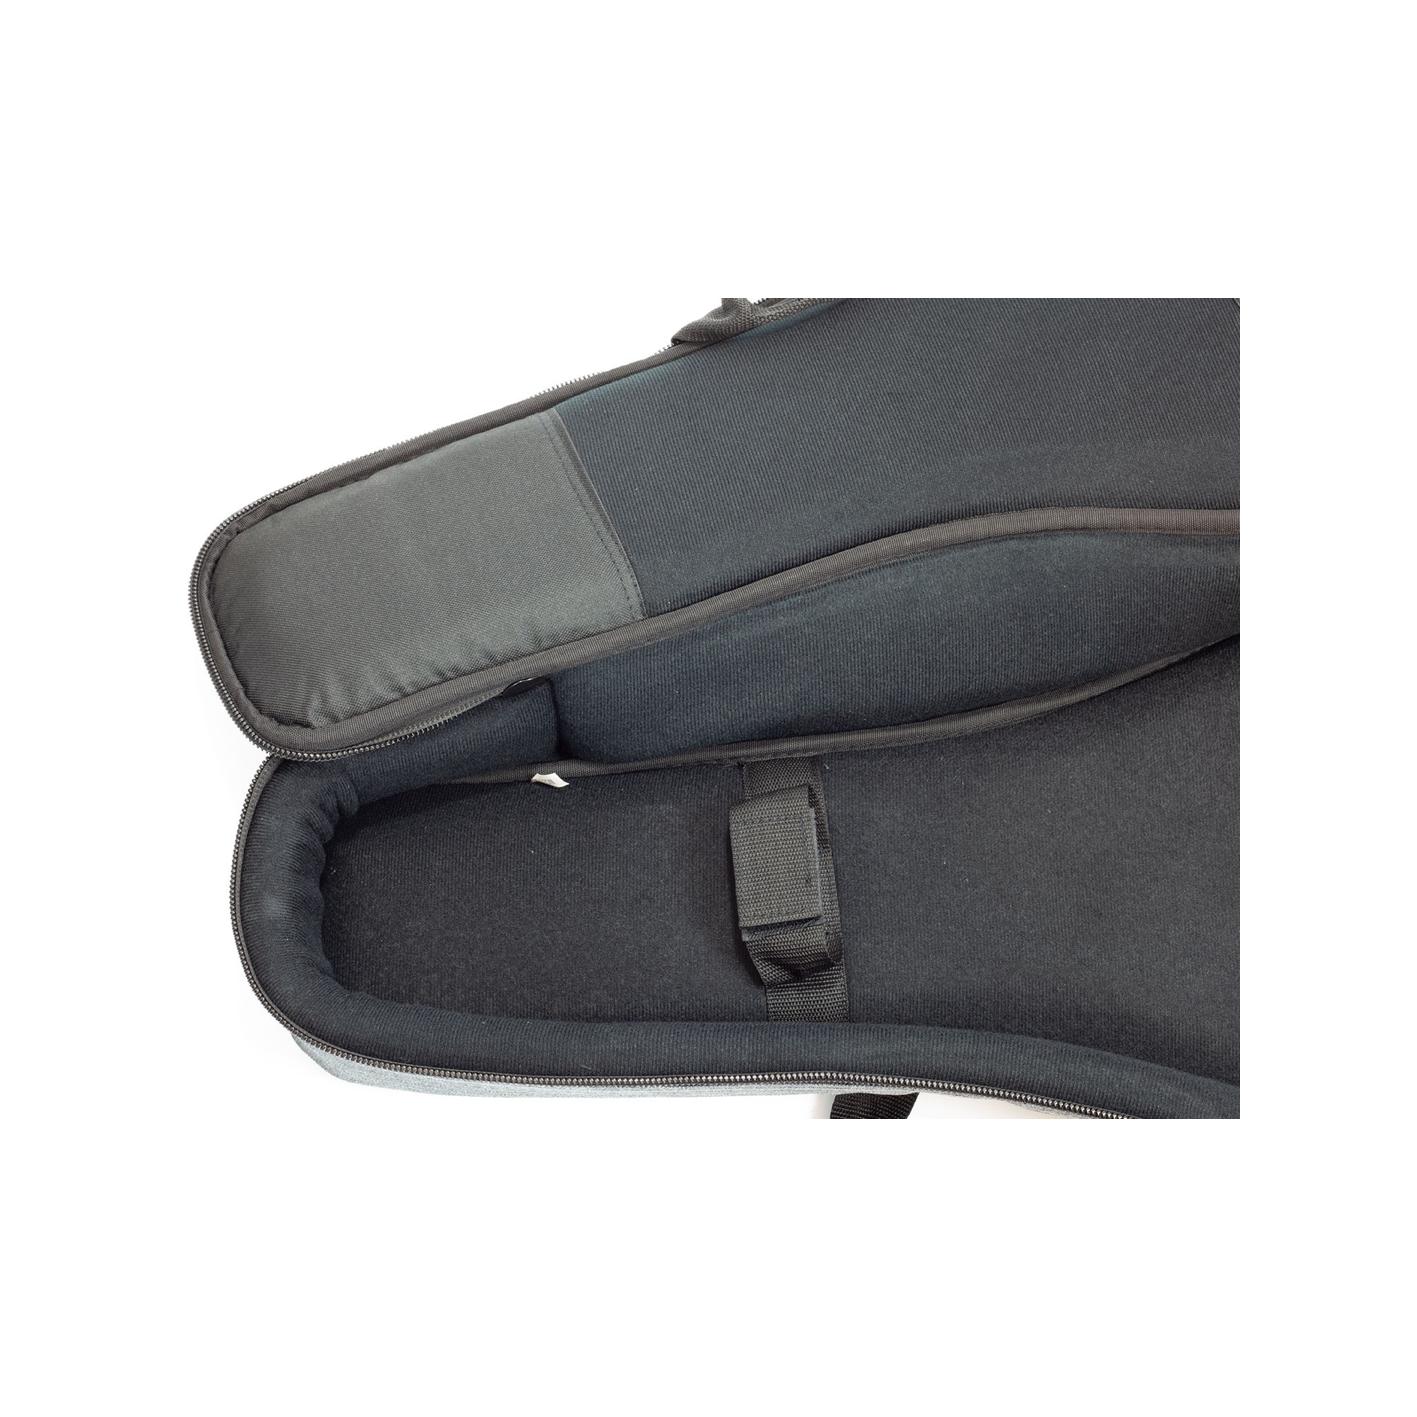 TGI Extreme Electric Gig Bag (4830)